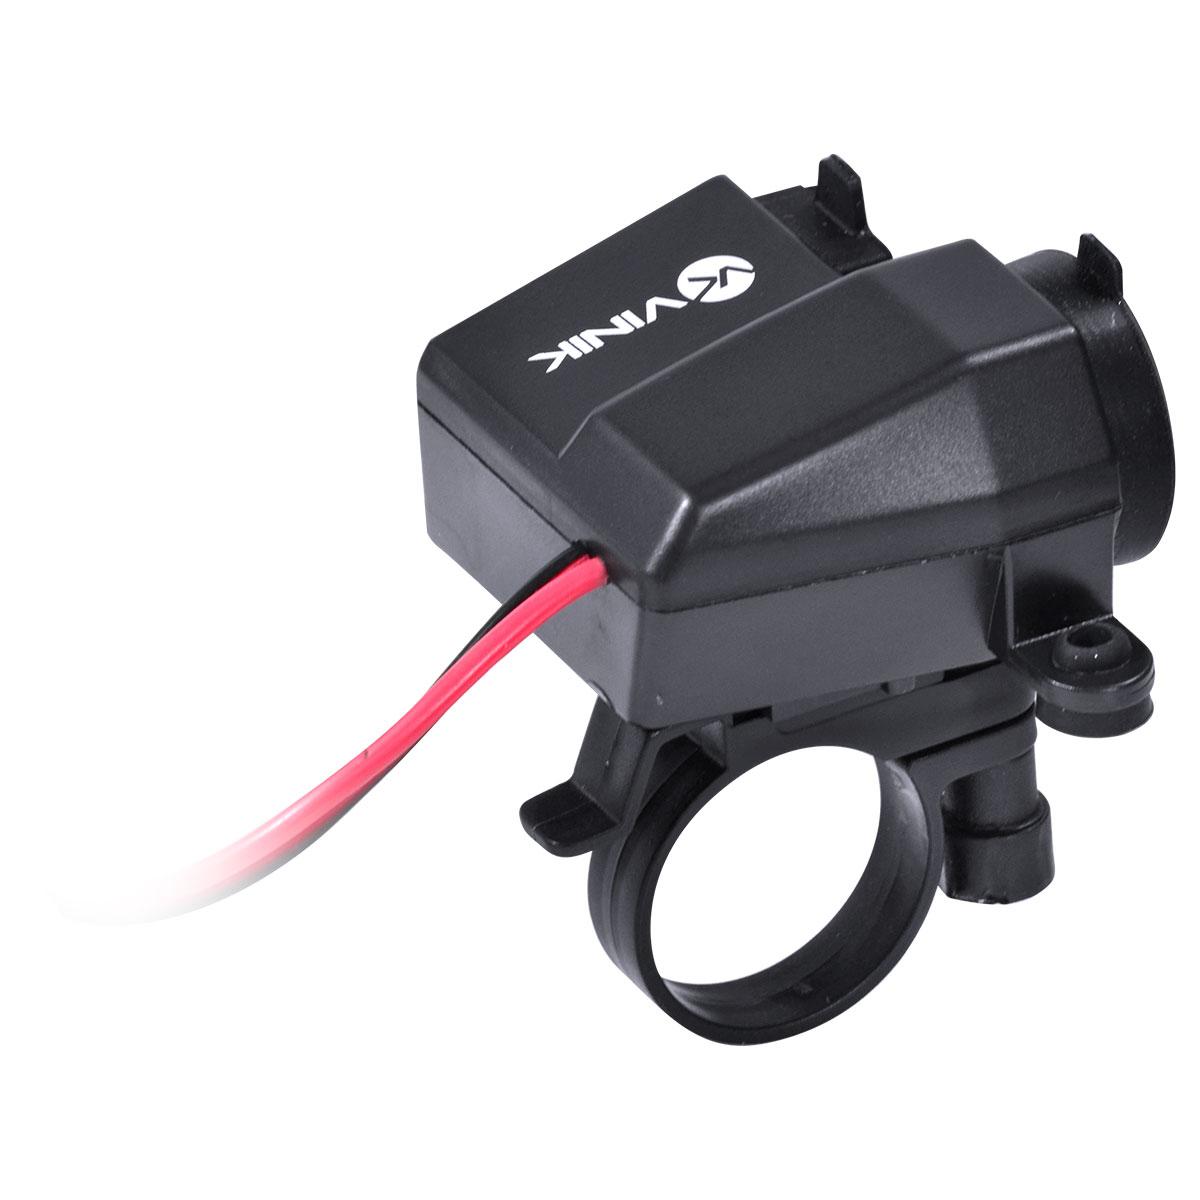 """CARREGADOR USB PARA MOTO C/ SAÍDA 2.1A - PROVA D""""ÁGUA E POEIRA ACM-2A"""